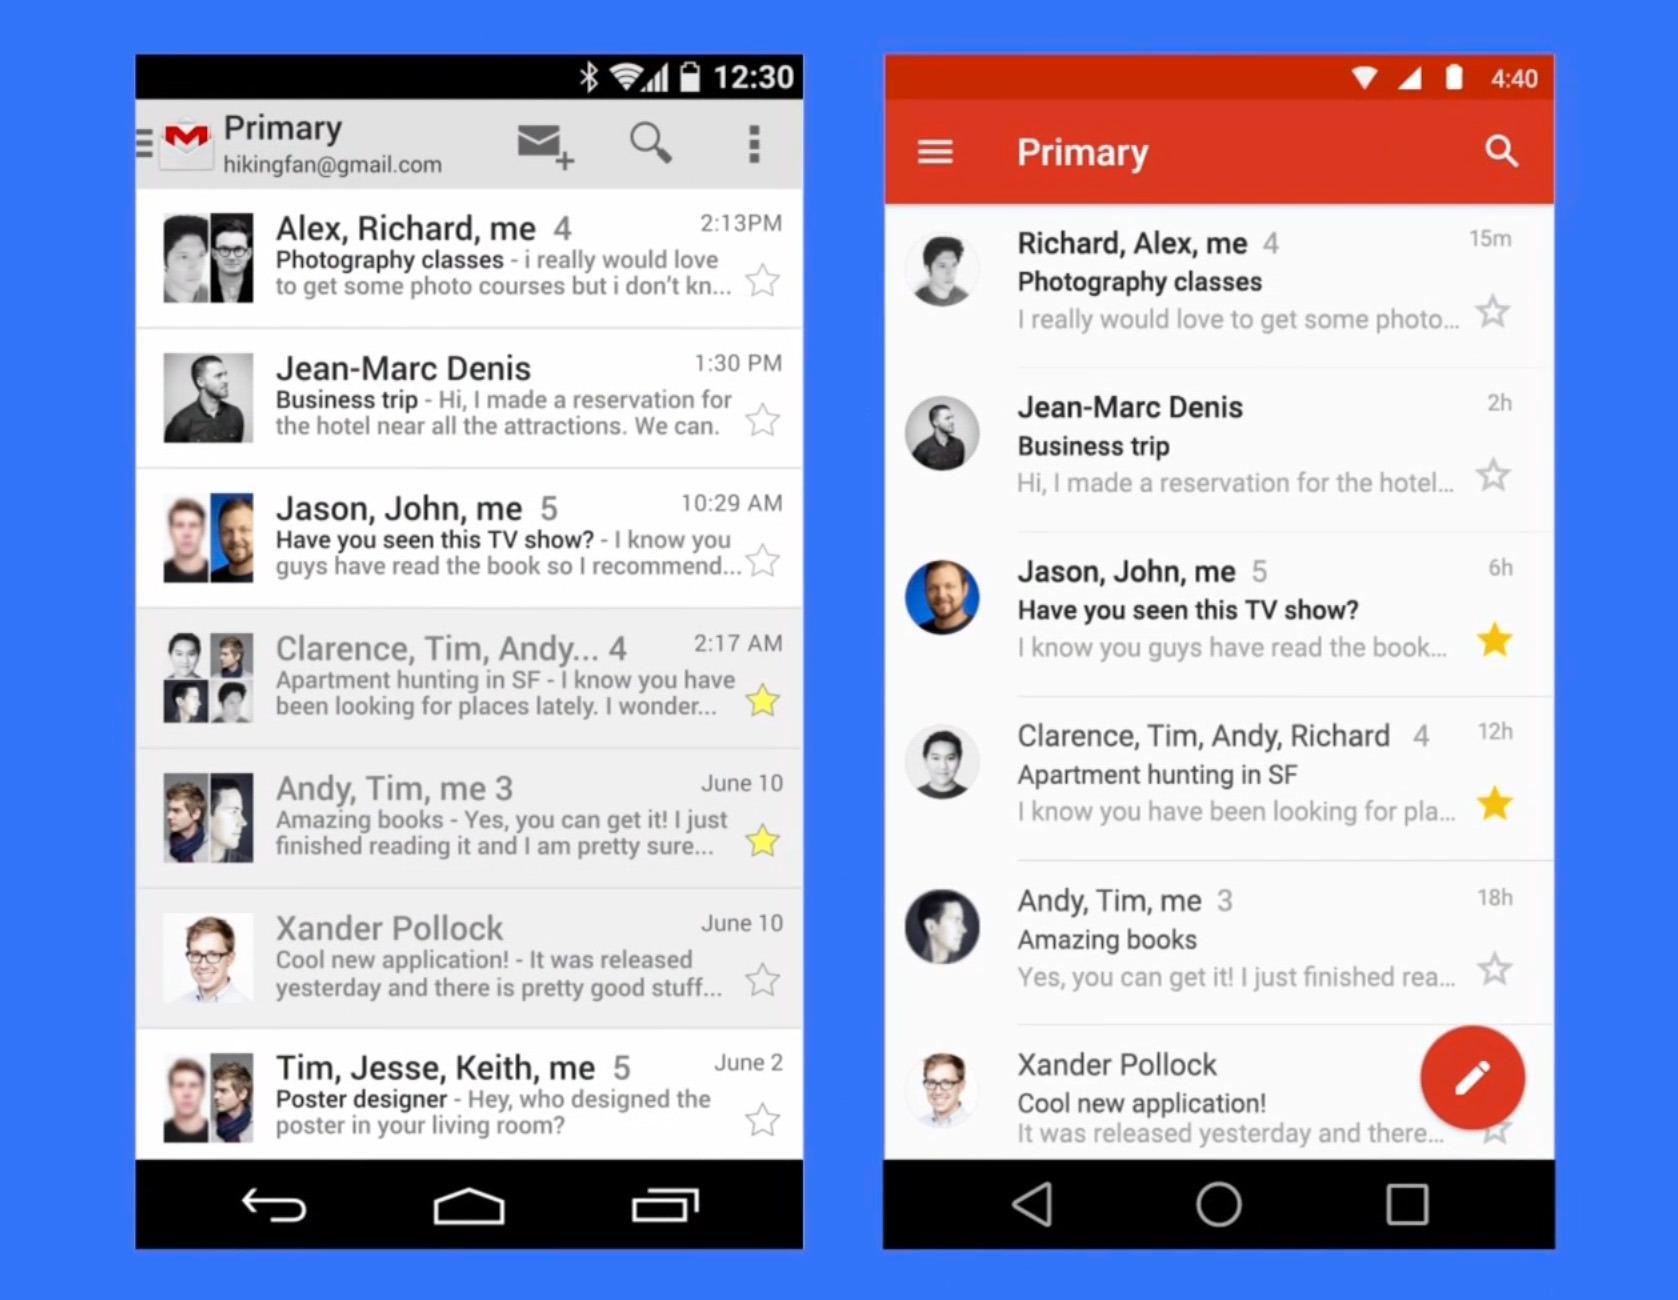 Slik vil GMail-appen se ut med den nye designen.Foto: Skjermdump/Google